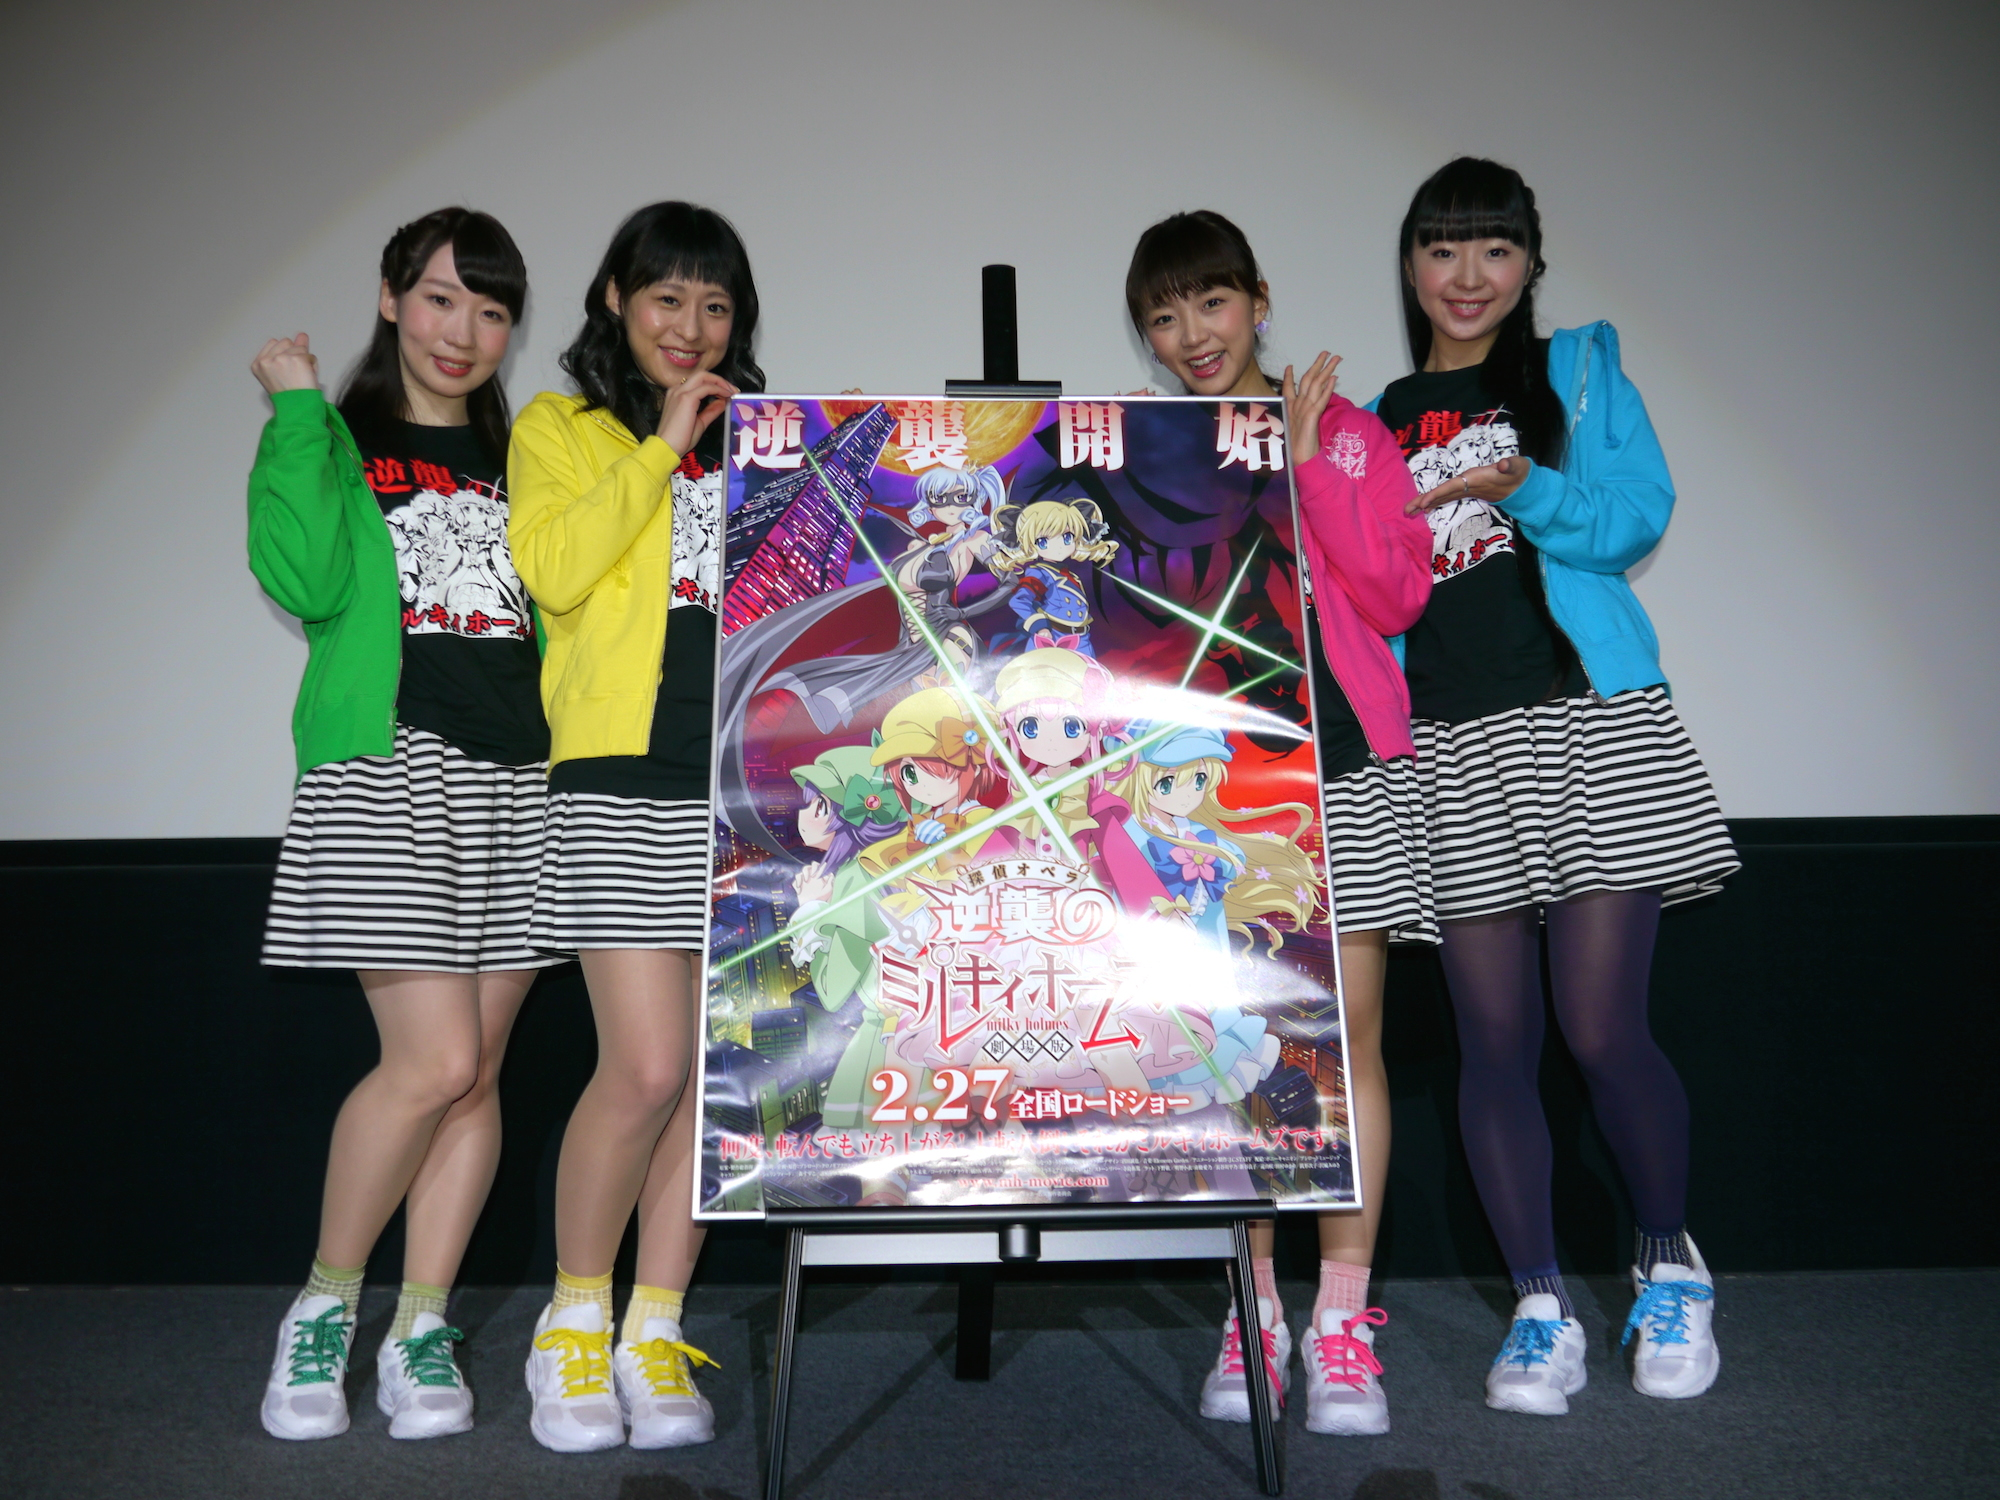 写真左より、佐々木未来、徳井青空、三森すずこ、橘田いずみ